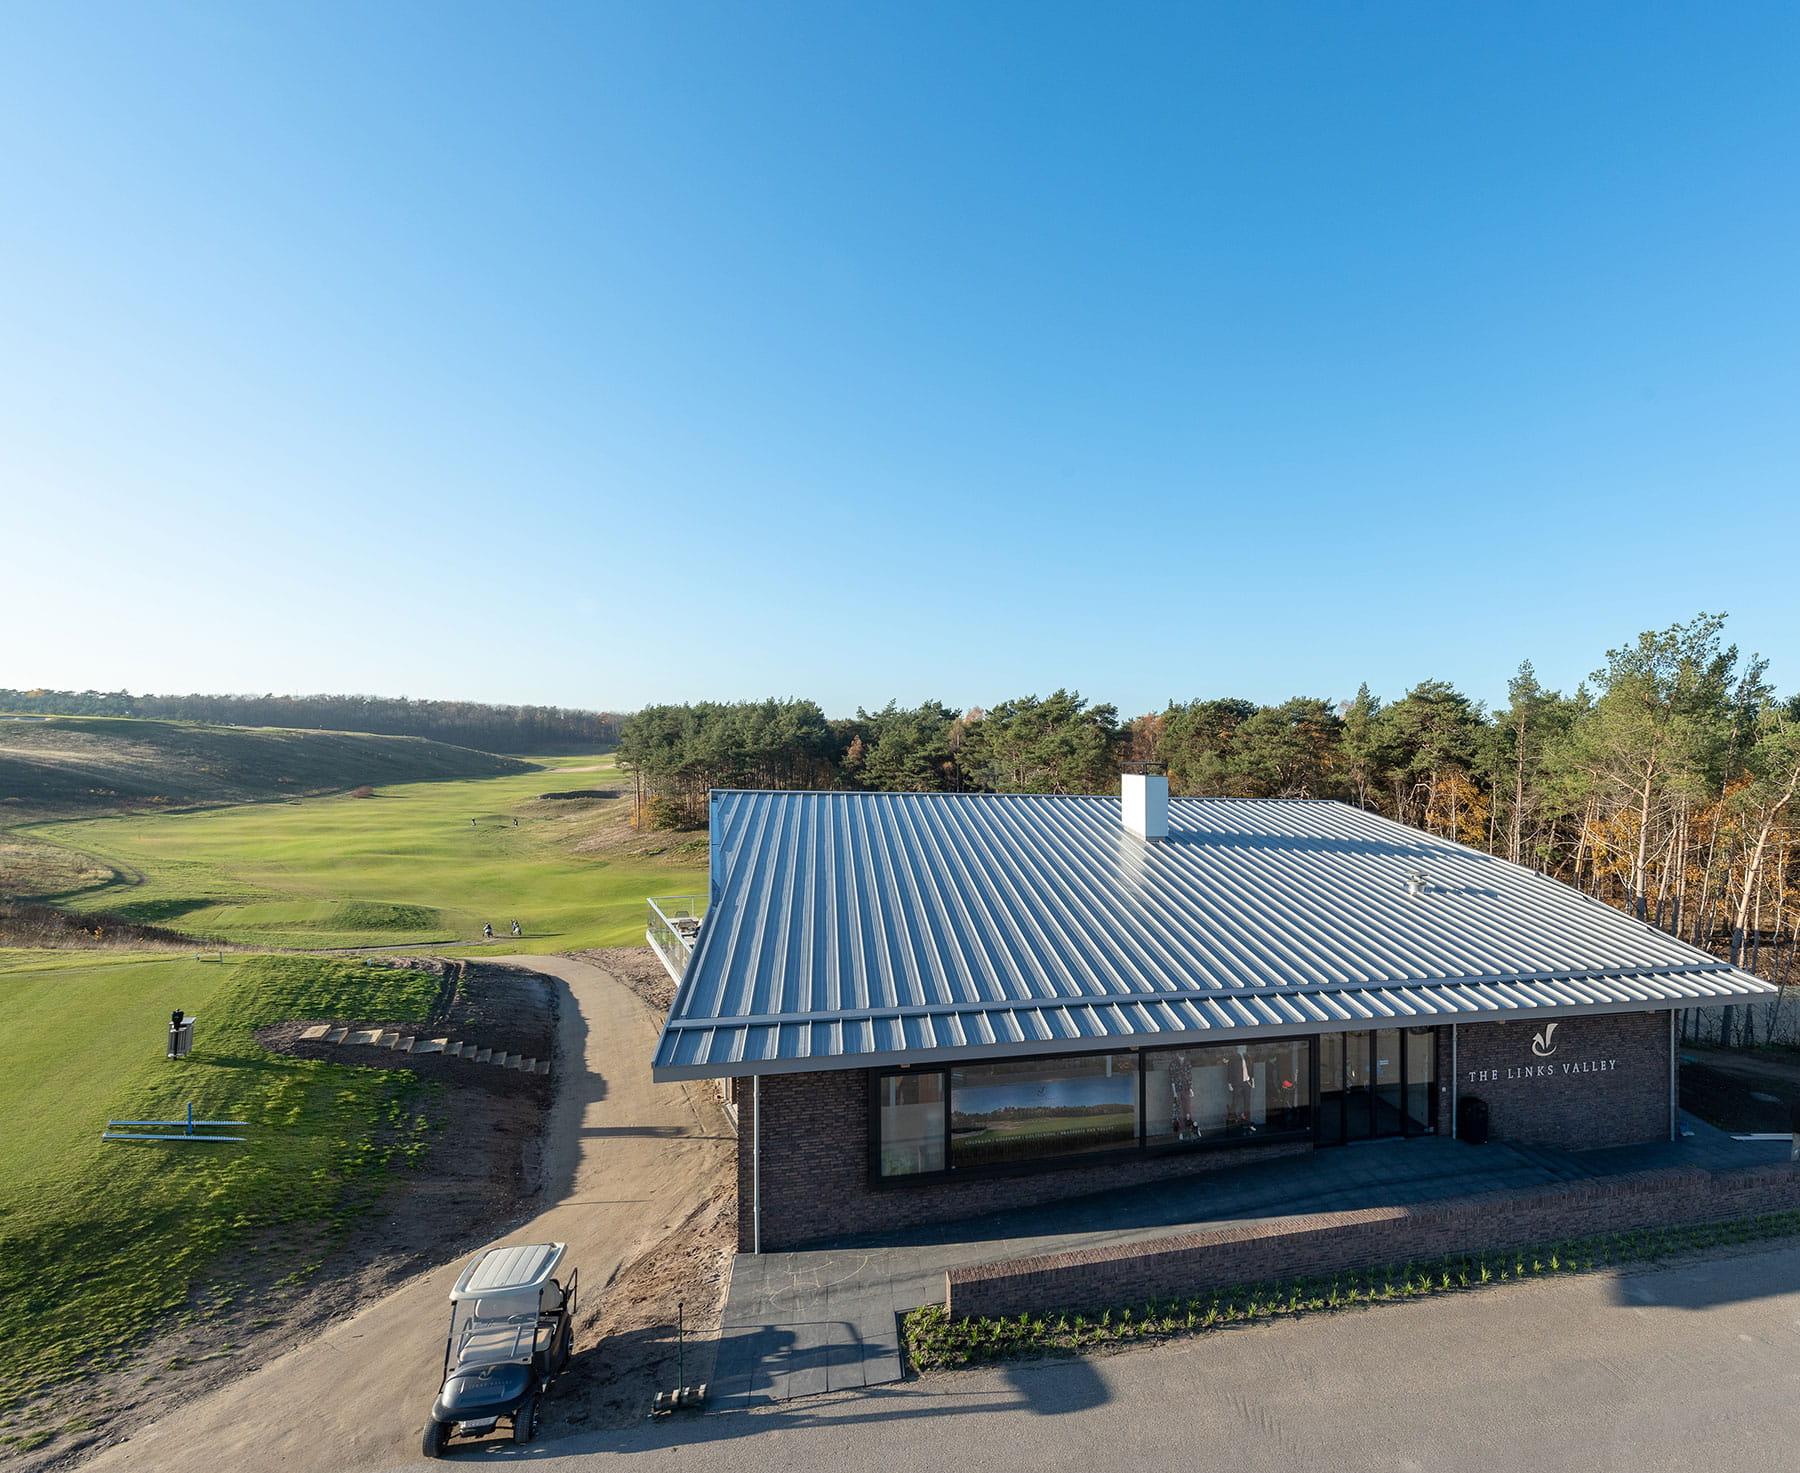 Zicht op een golfbaan met op de voorgrond een gebouw met een schuin dak